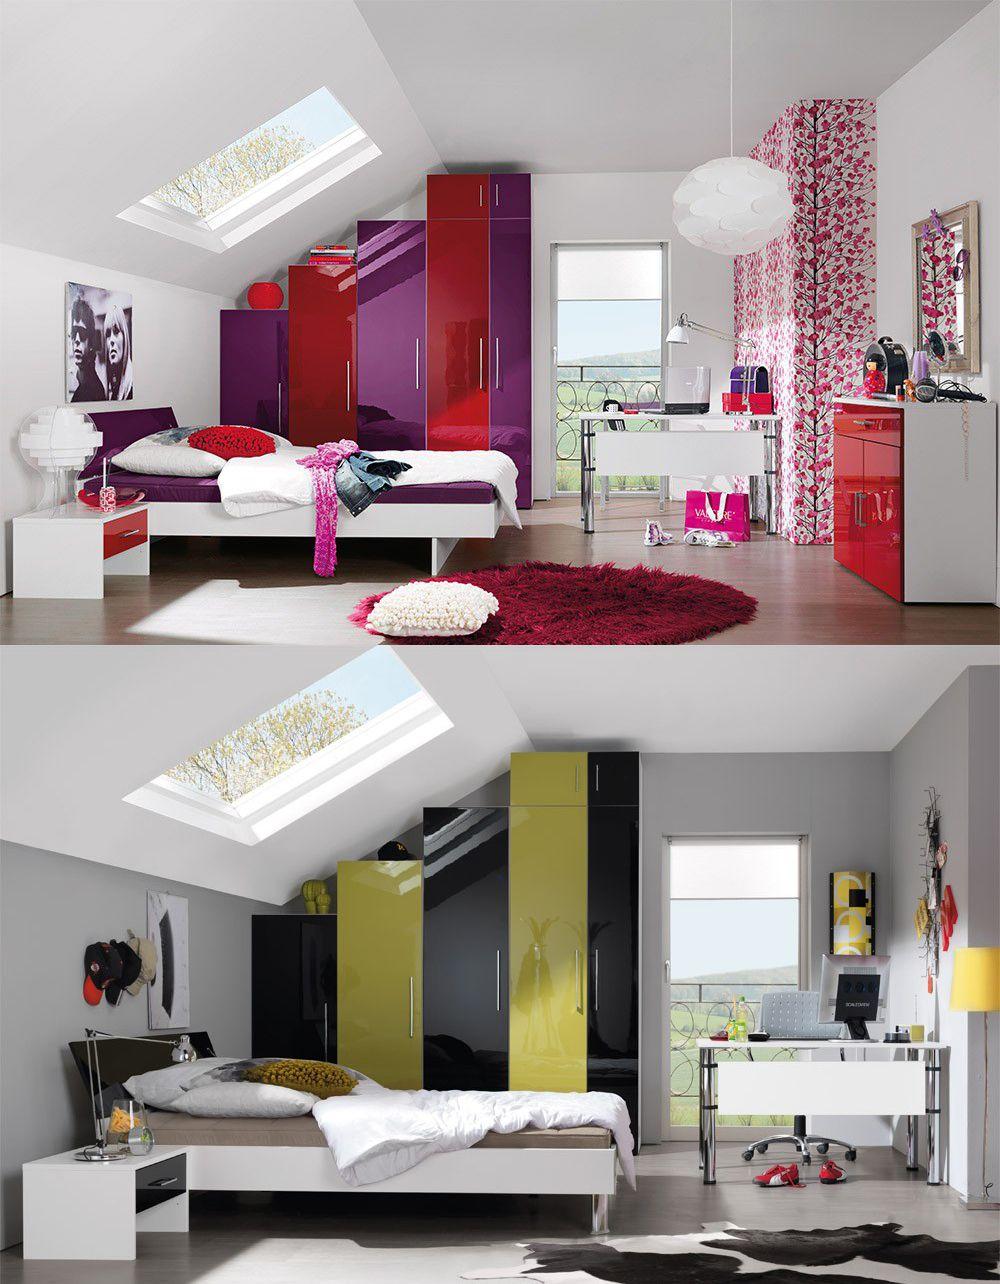 Jw von wellem bel jugendzimmer rot lila schrank und for Jugendzimmer hochwertig